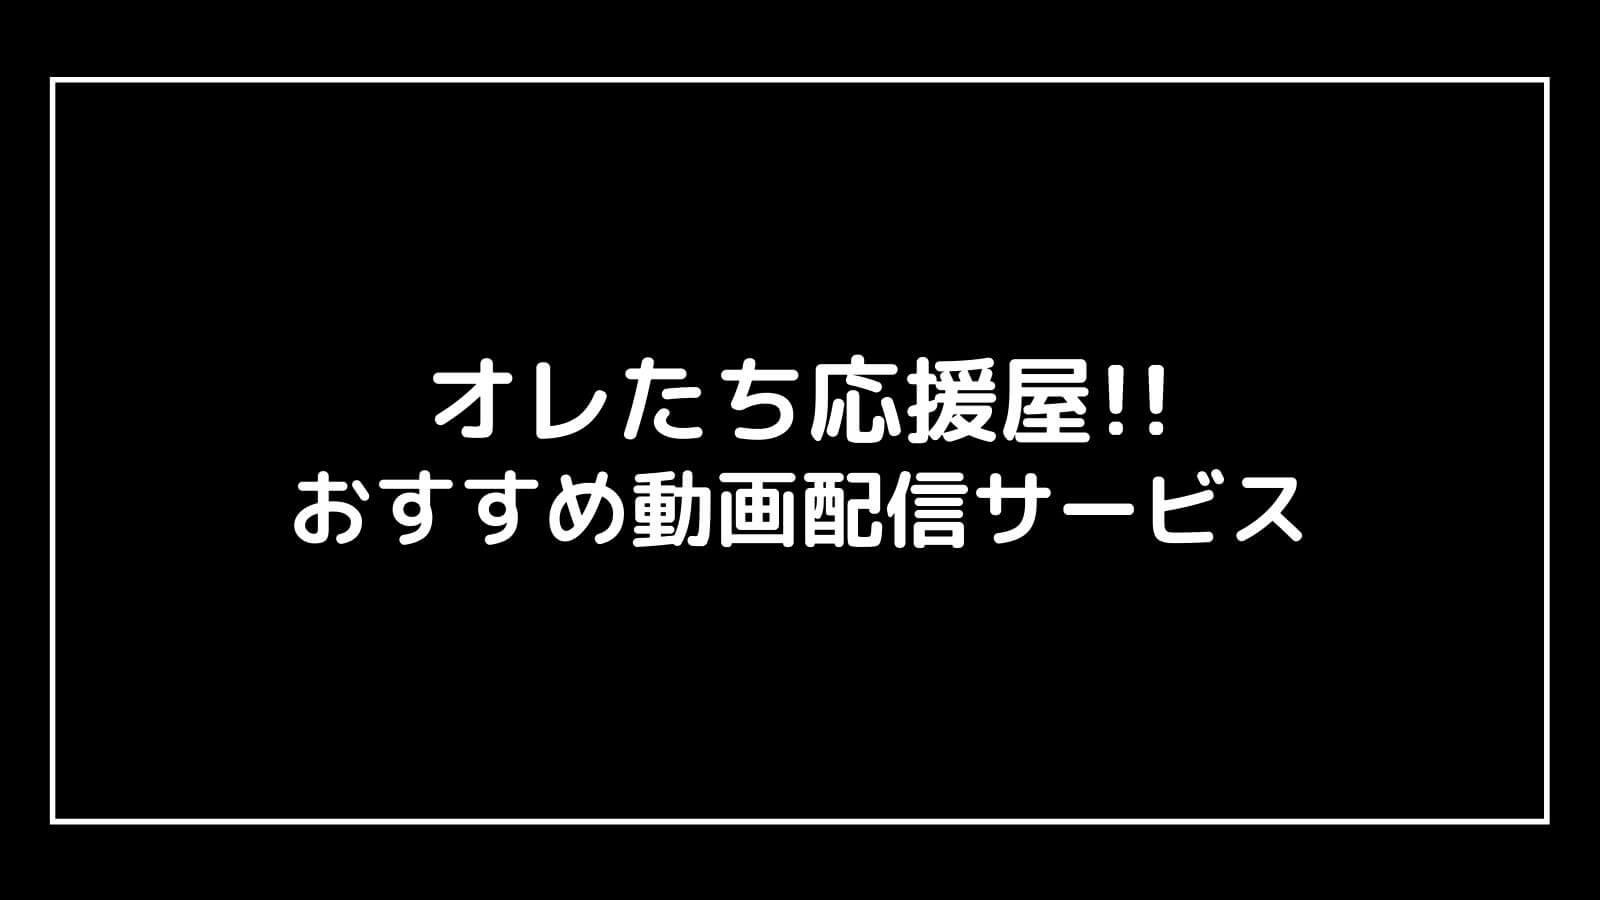 映画『オレたち応援屋!!』を無料視聴できる動画配信サービス【A.B.C-Z主演】